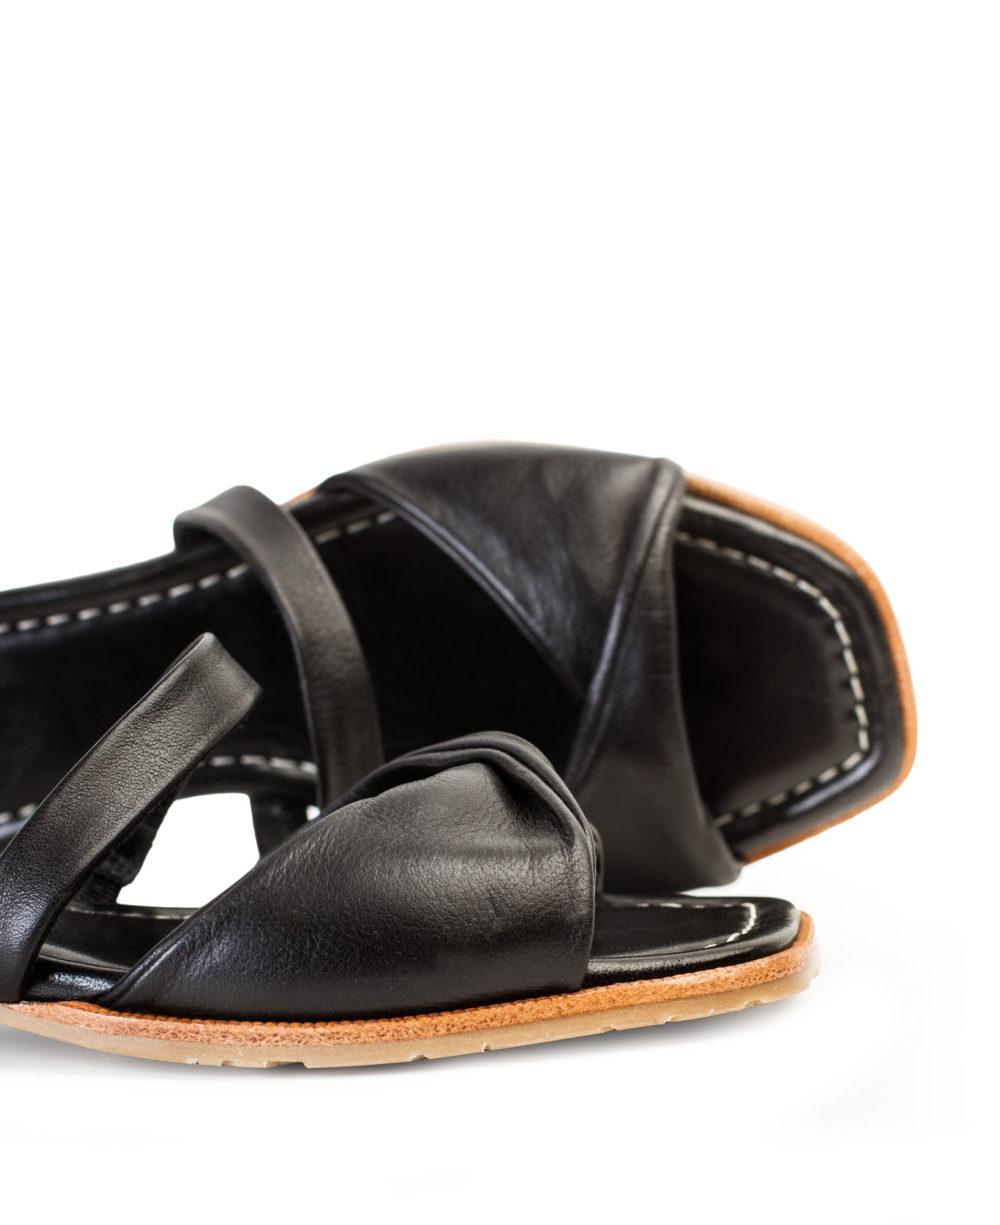 Sandalias de Piel Paco Gil P-3925 Black Bravo Detalle